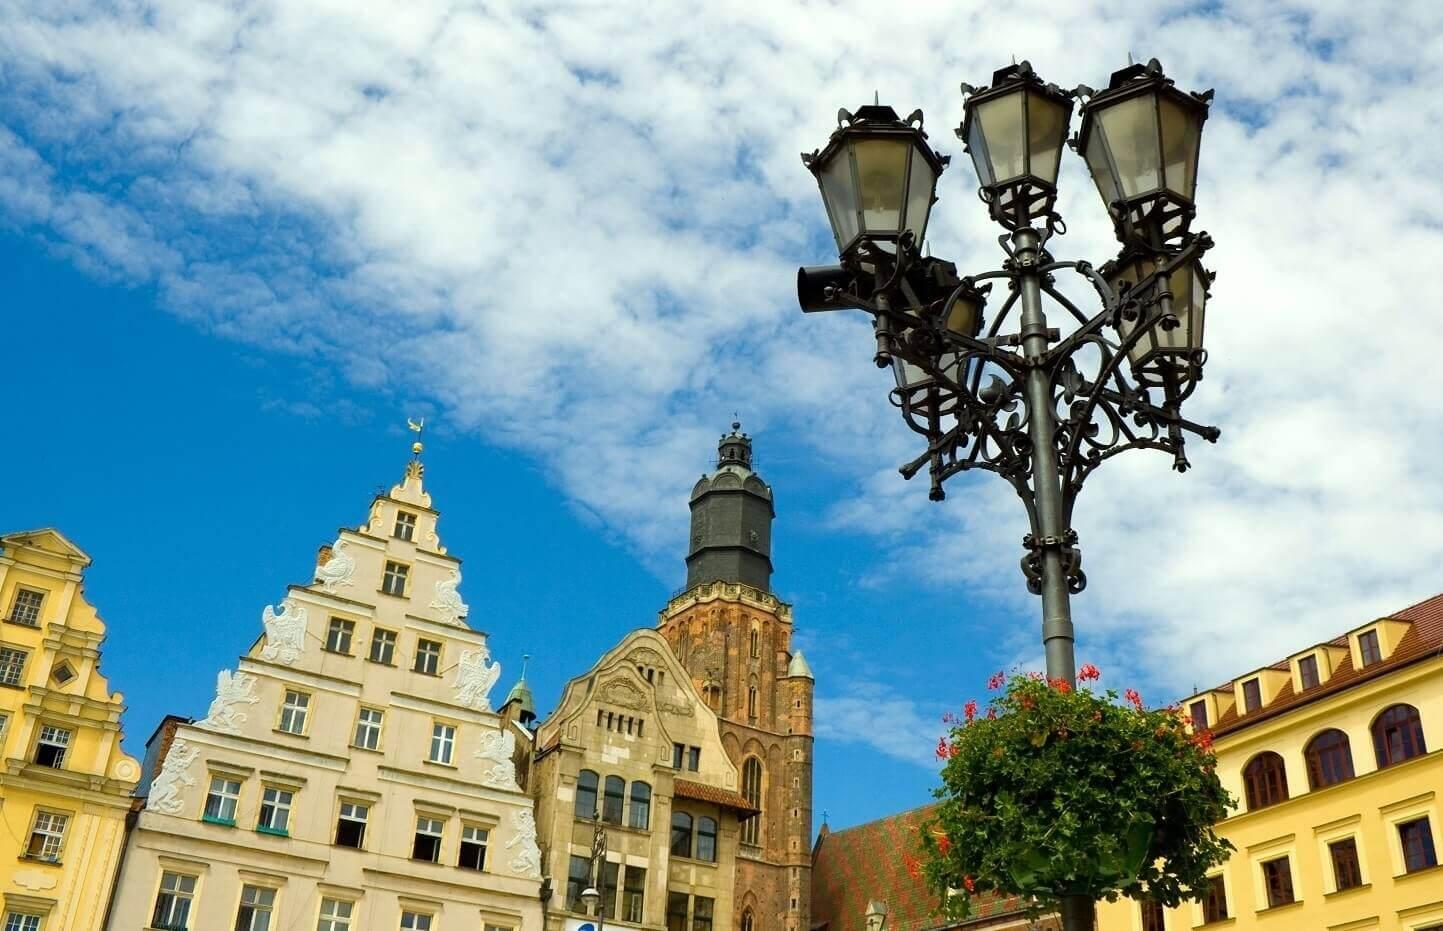 Dwoje we Wrocławiu - weekend